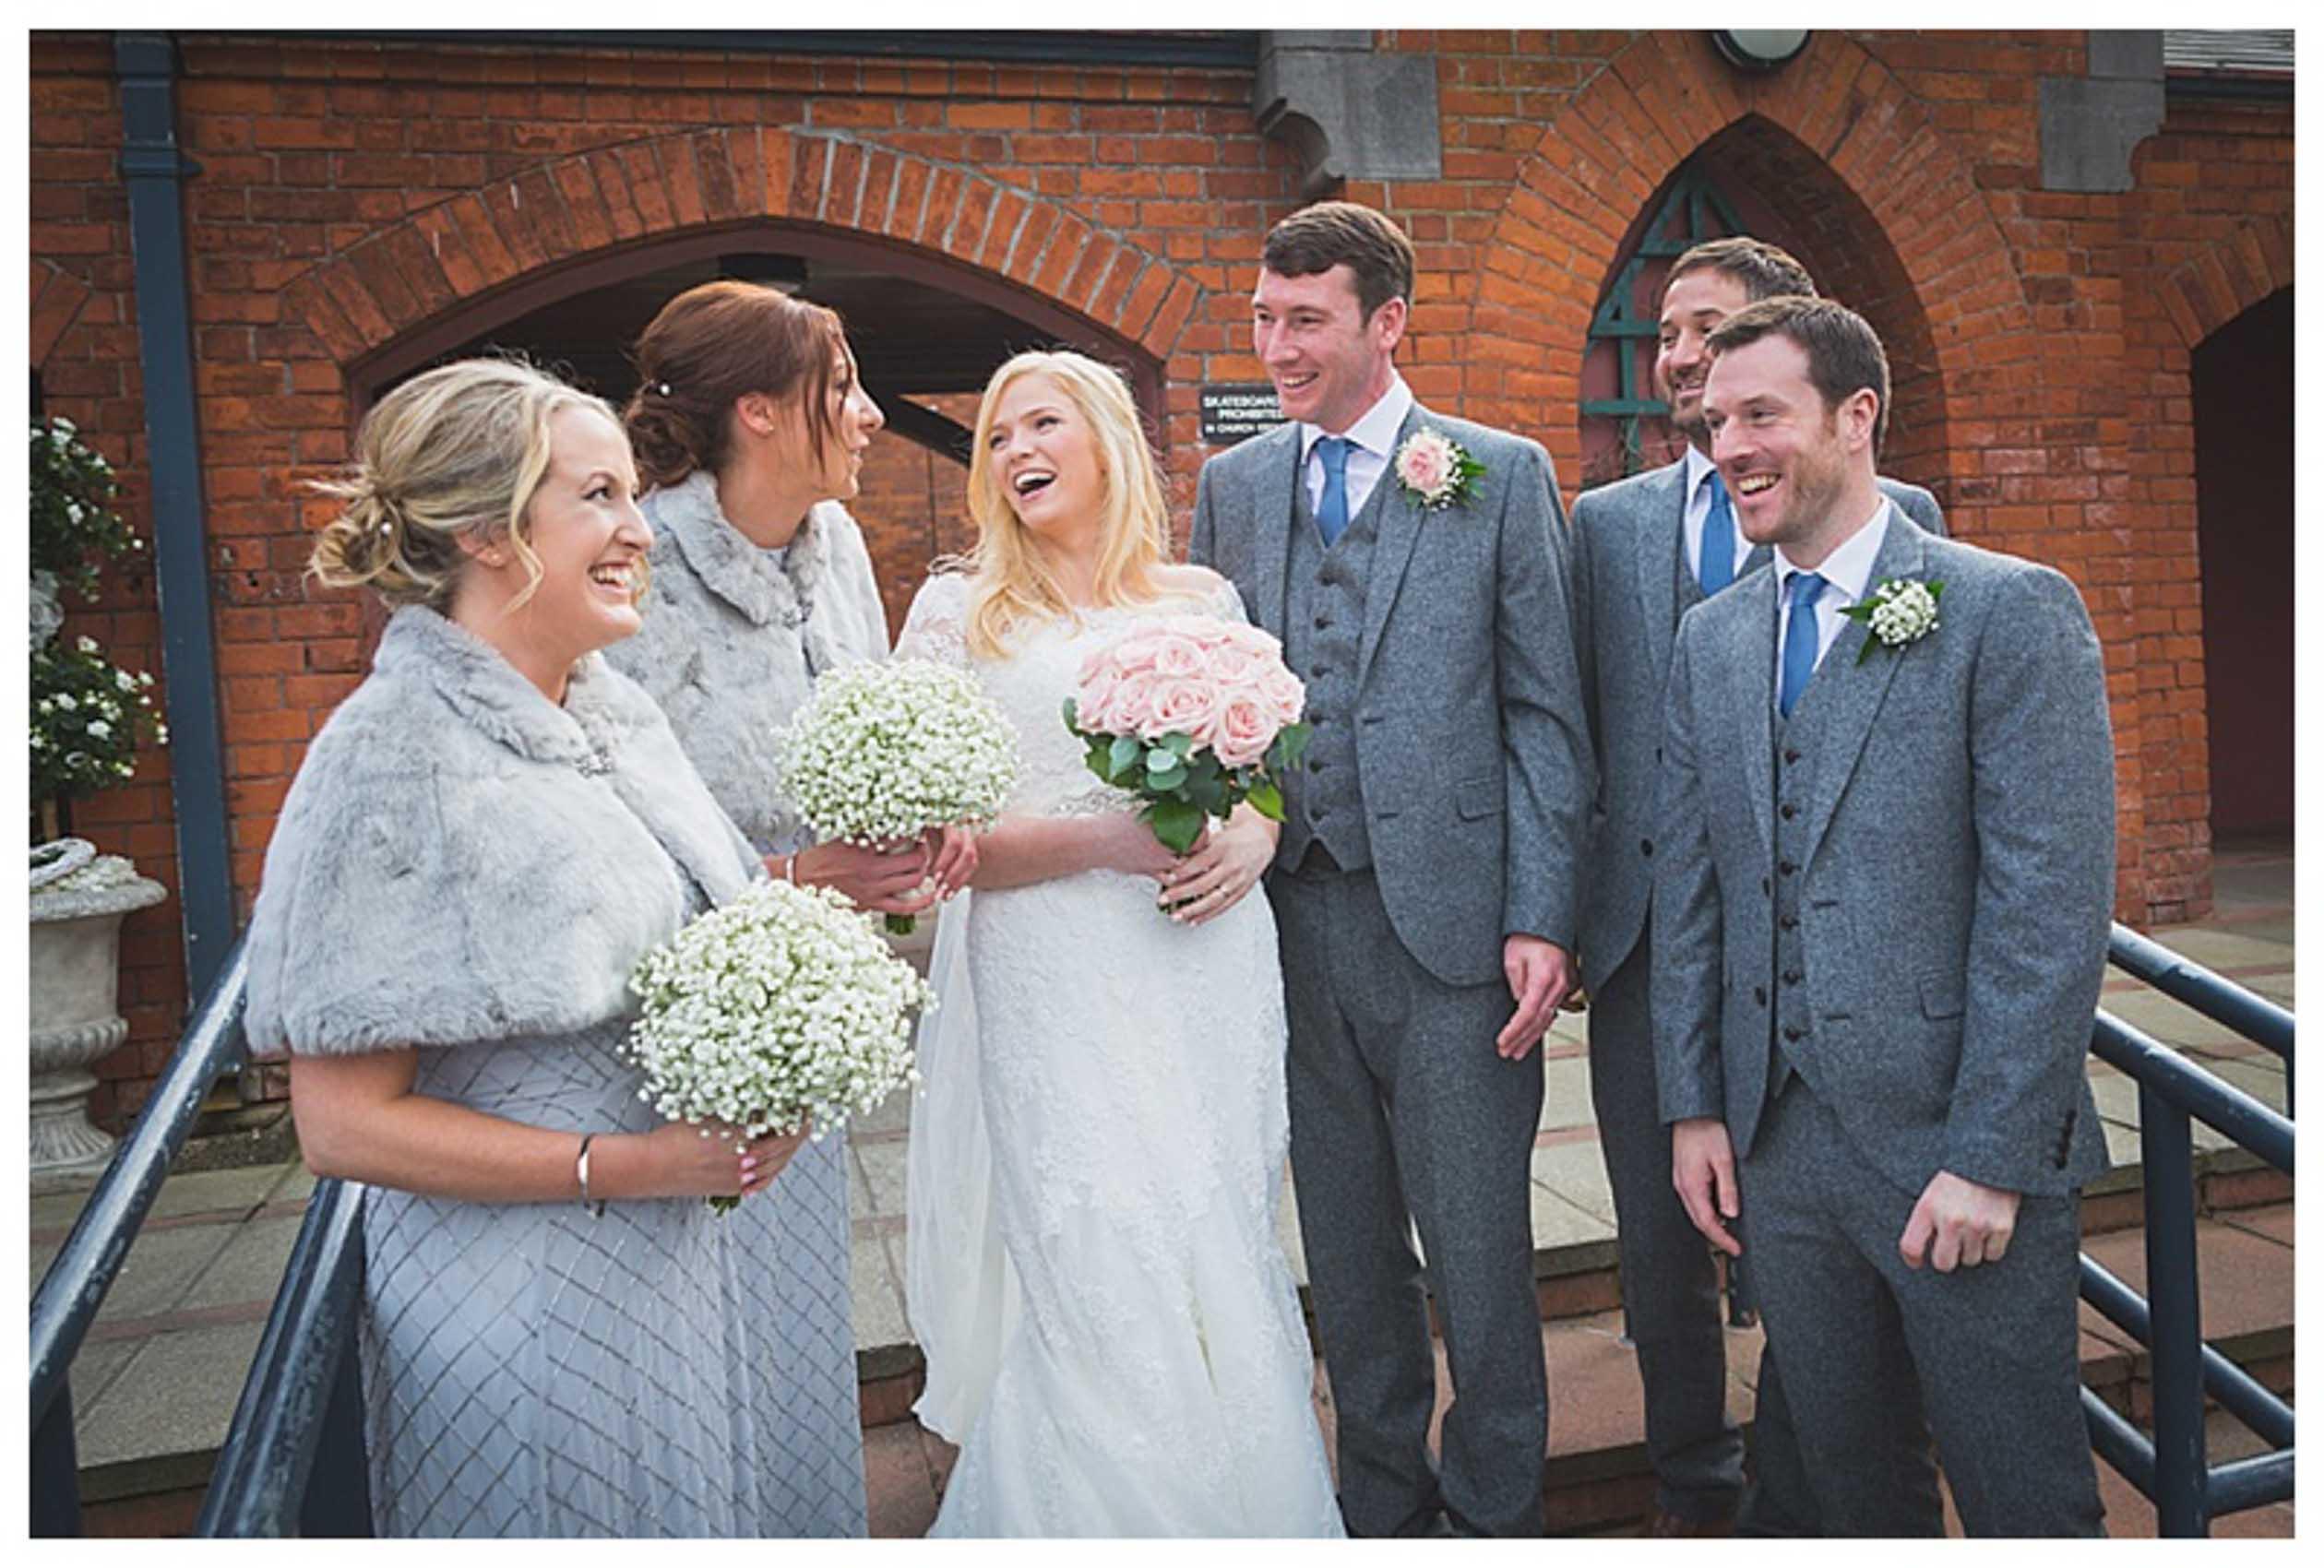 Larchfield Estate Wedding Photography by Ricky Parker Photography 43